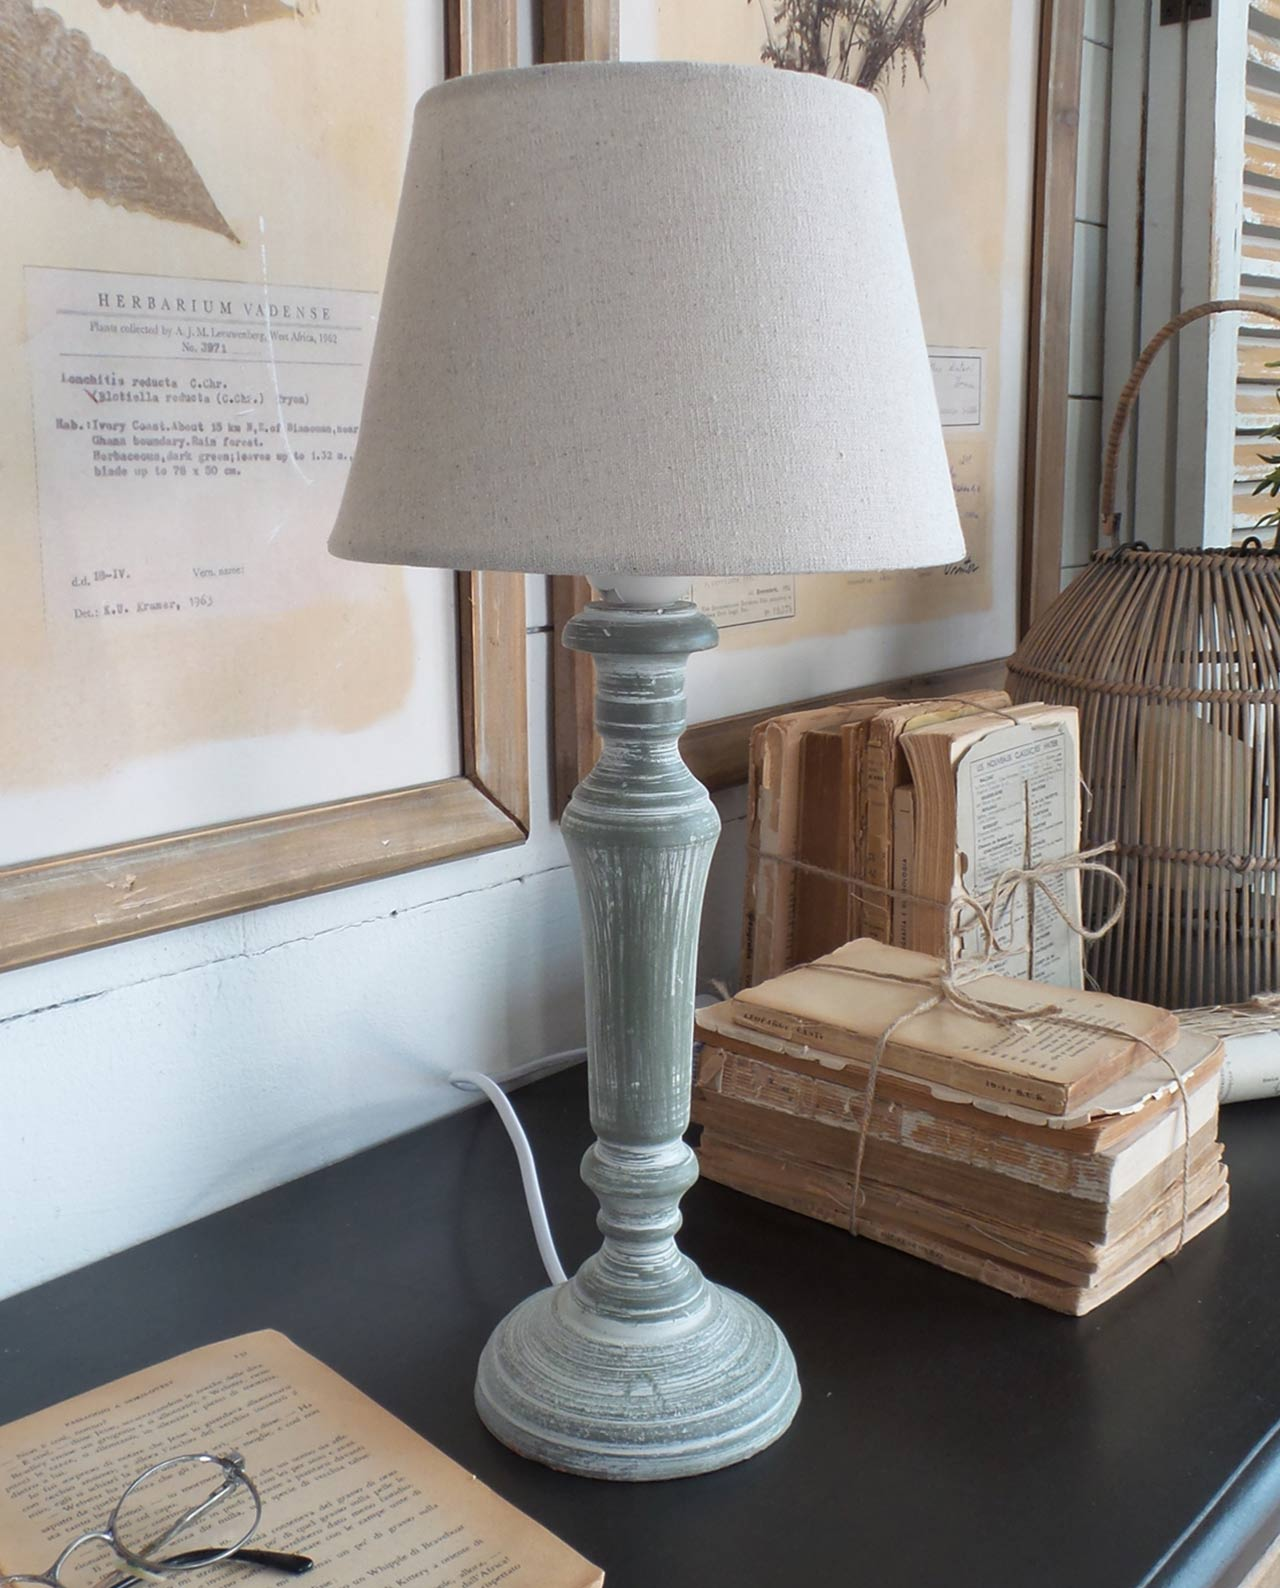 Lampade da tavolo country in legno anticato grigio set 2 pezzi mobilia store home favours - Lampade da tavolo particolari ...